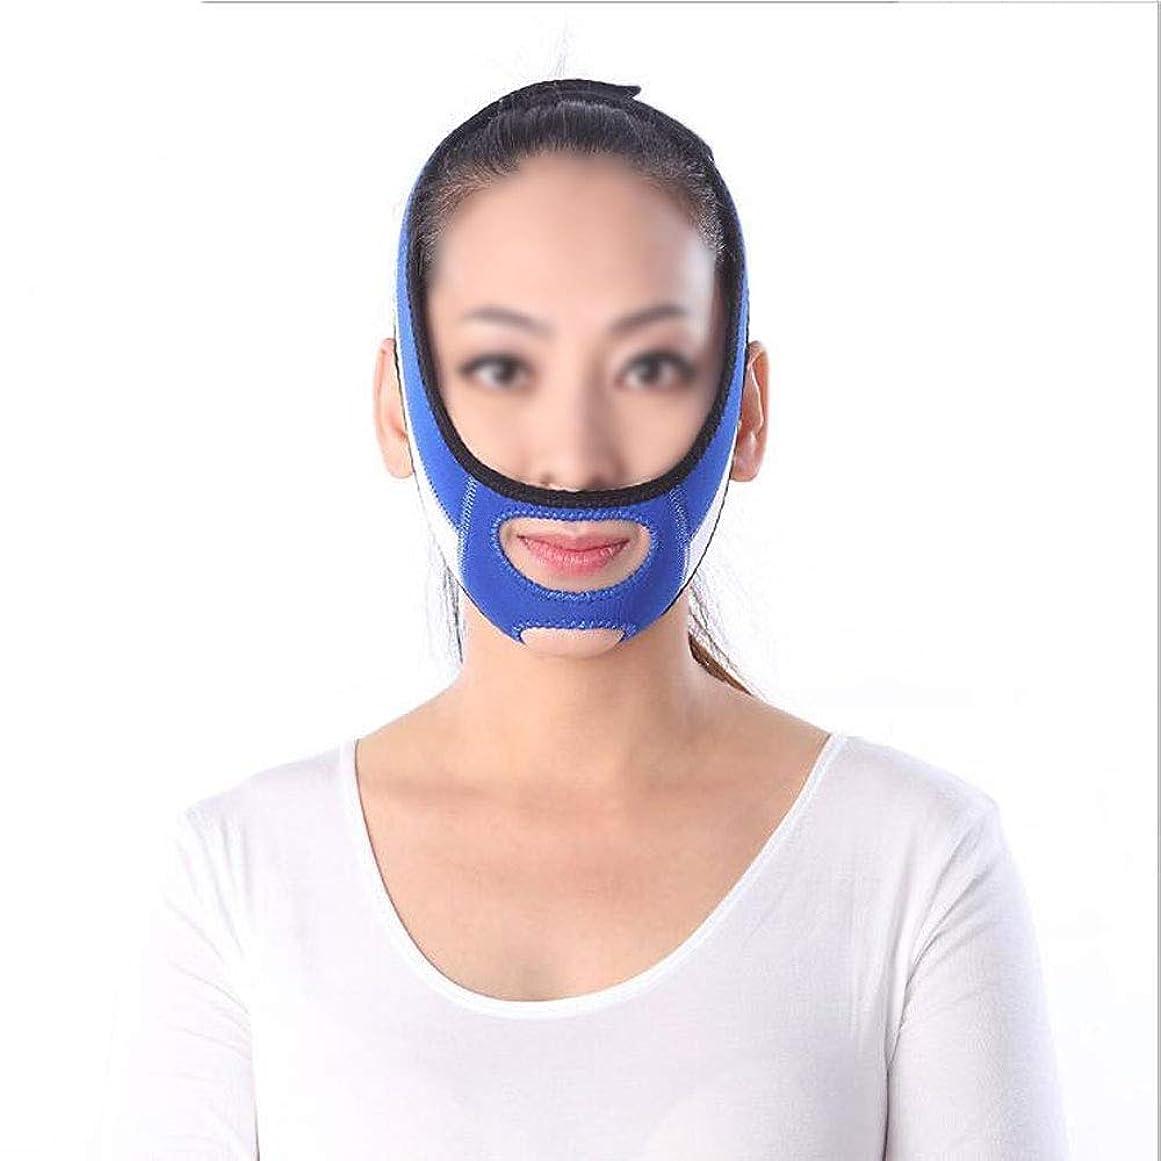 古代悪質な対応HUYYA ファーミングストラップリフティングフェイスリフティング包帯、フェイスマスク V字ベルト補正ベルト ダブルチンヘルスケアスキンケアチン,Blue_Large